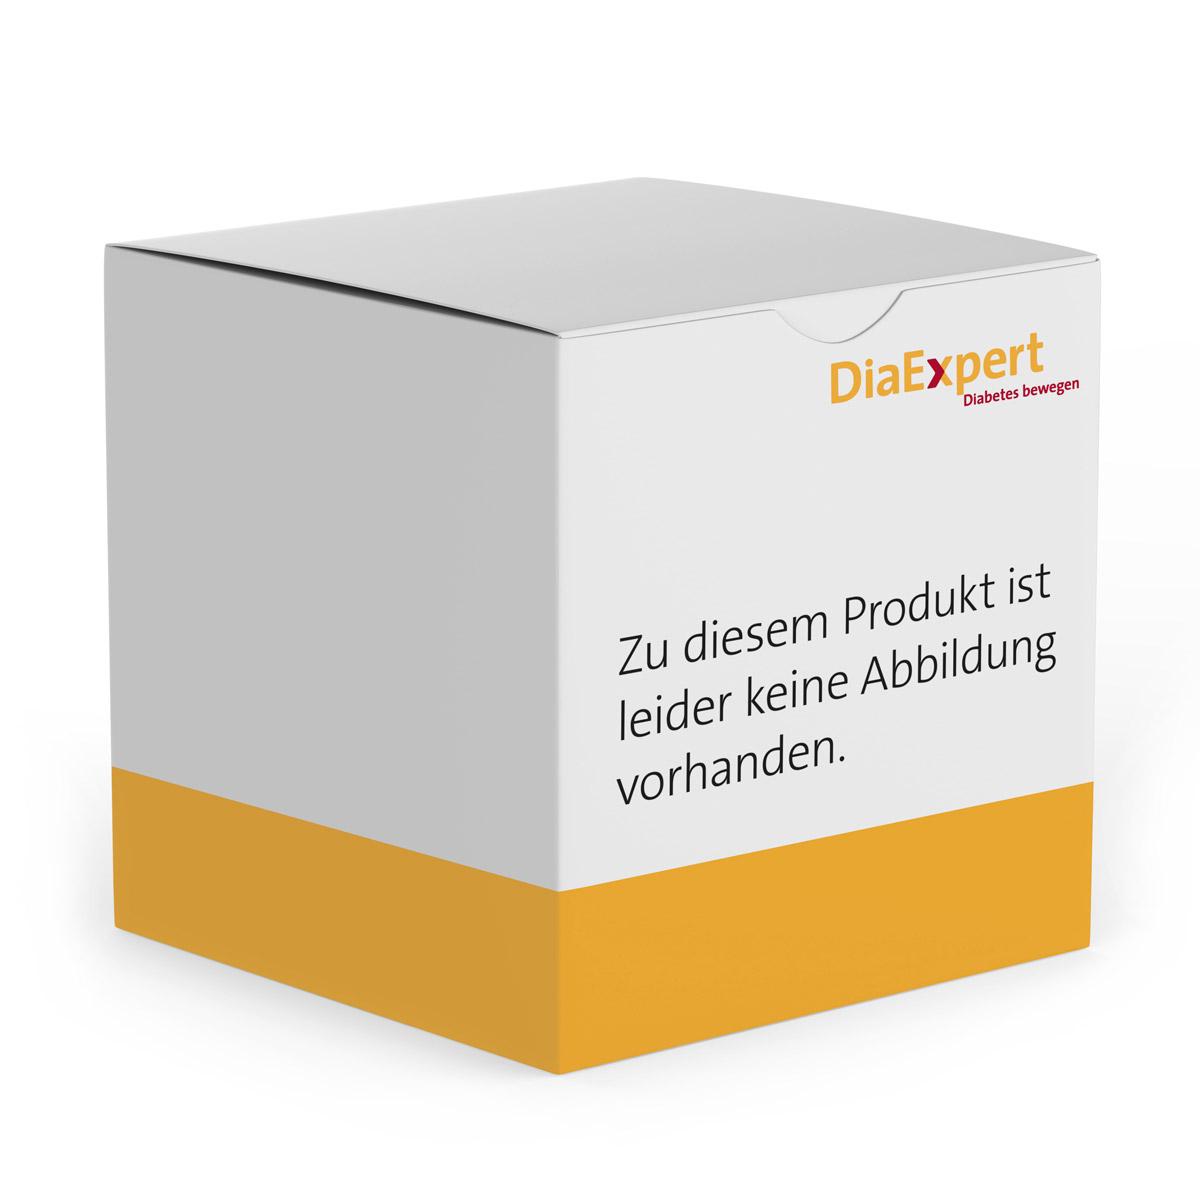 Gürtelclip MiniMed 640G/670G